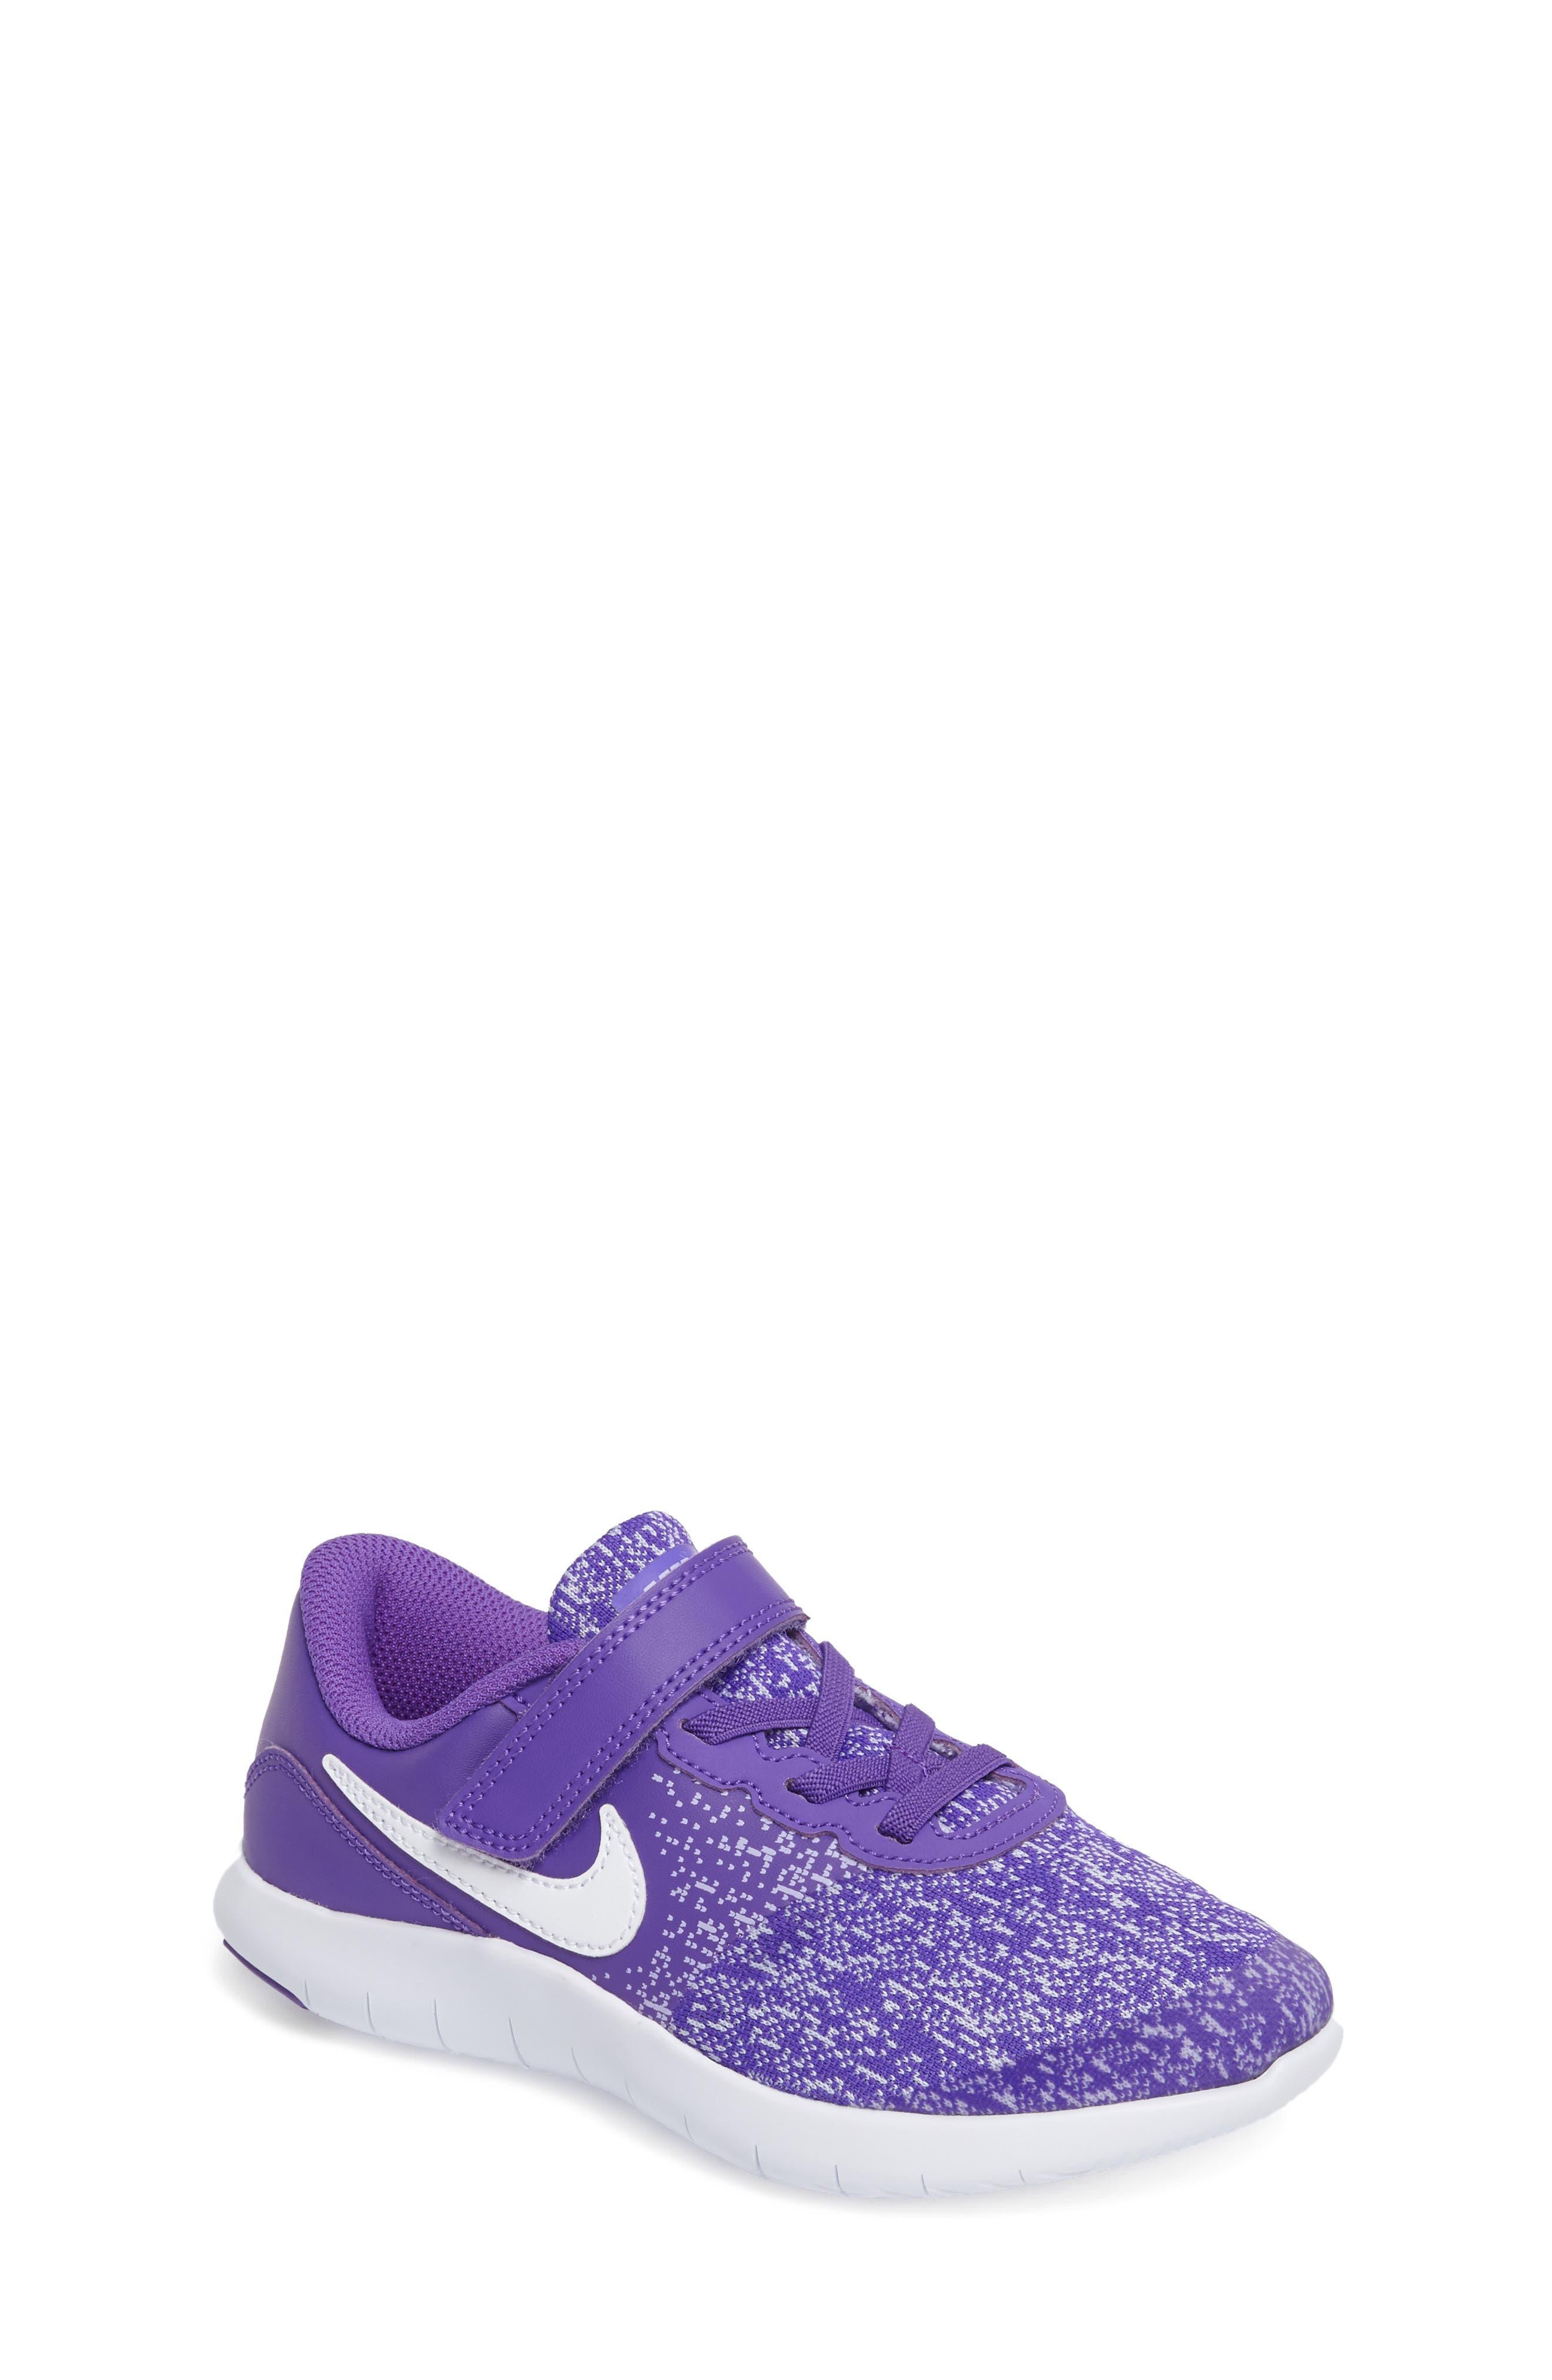 Nike Flex Contact Running Shoe (Toddler & Little Kid)